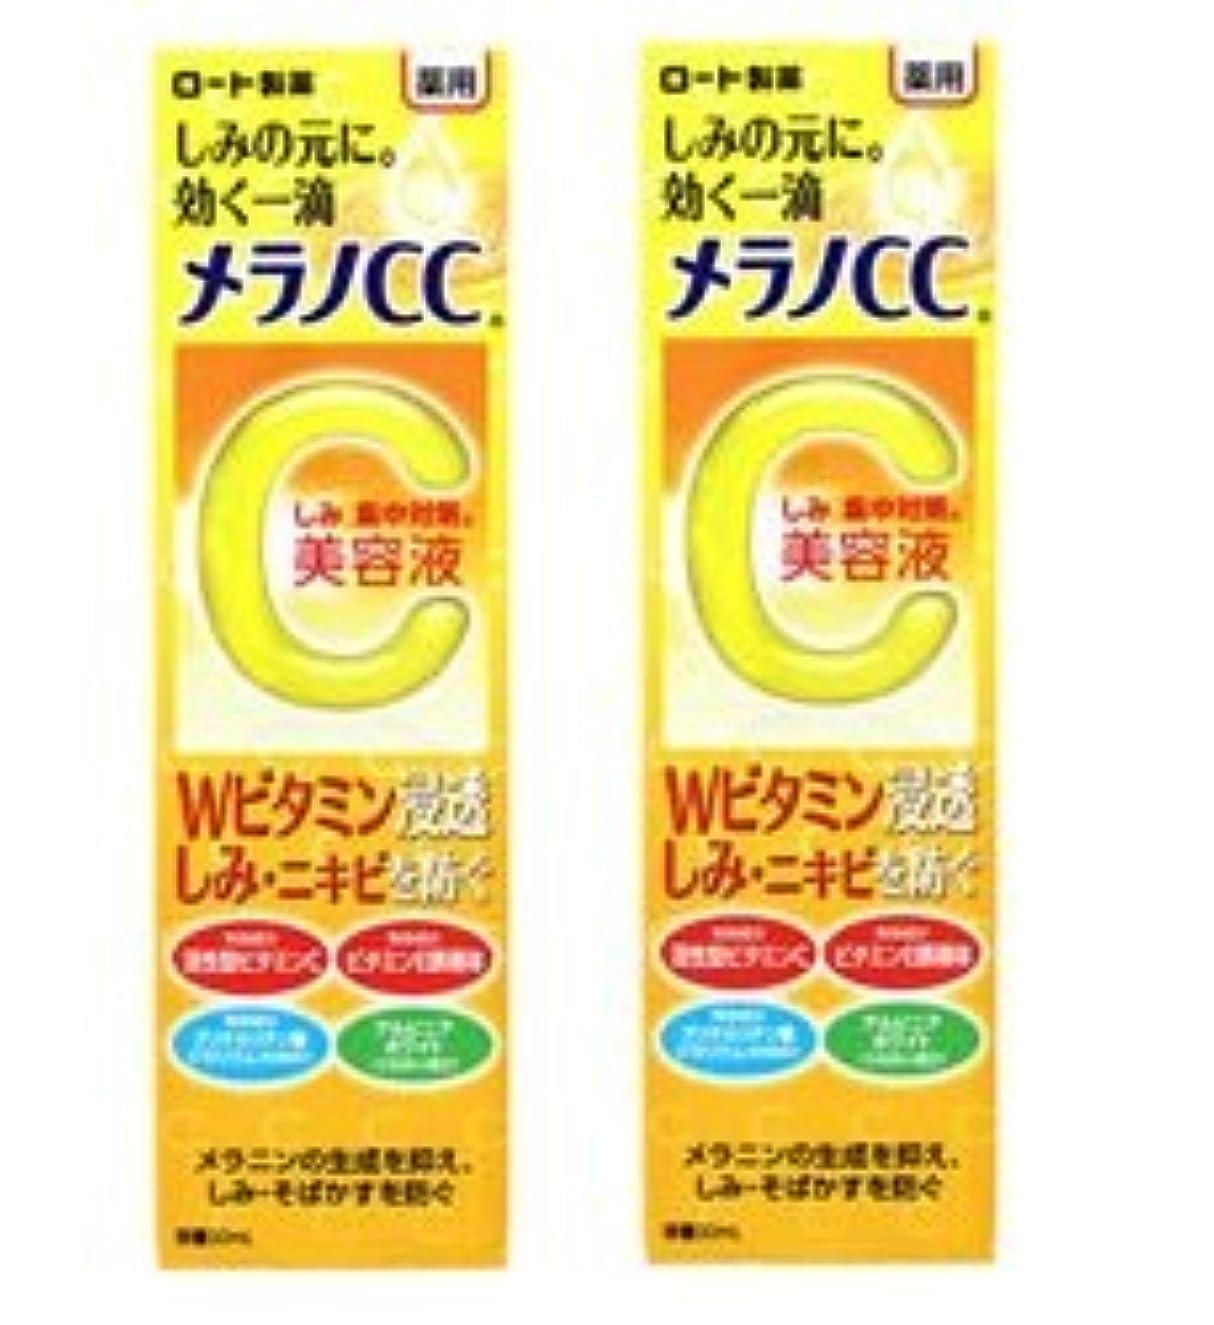 予約胸ボウル【2個セット】メラノCC 薬用しみ集中対策美容液 20ml